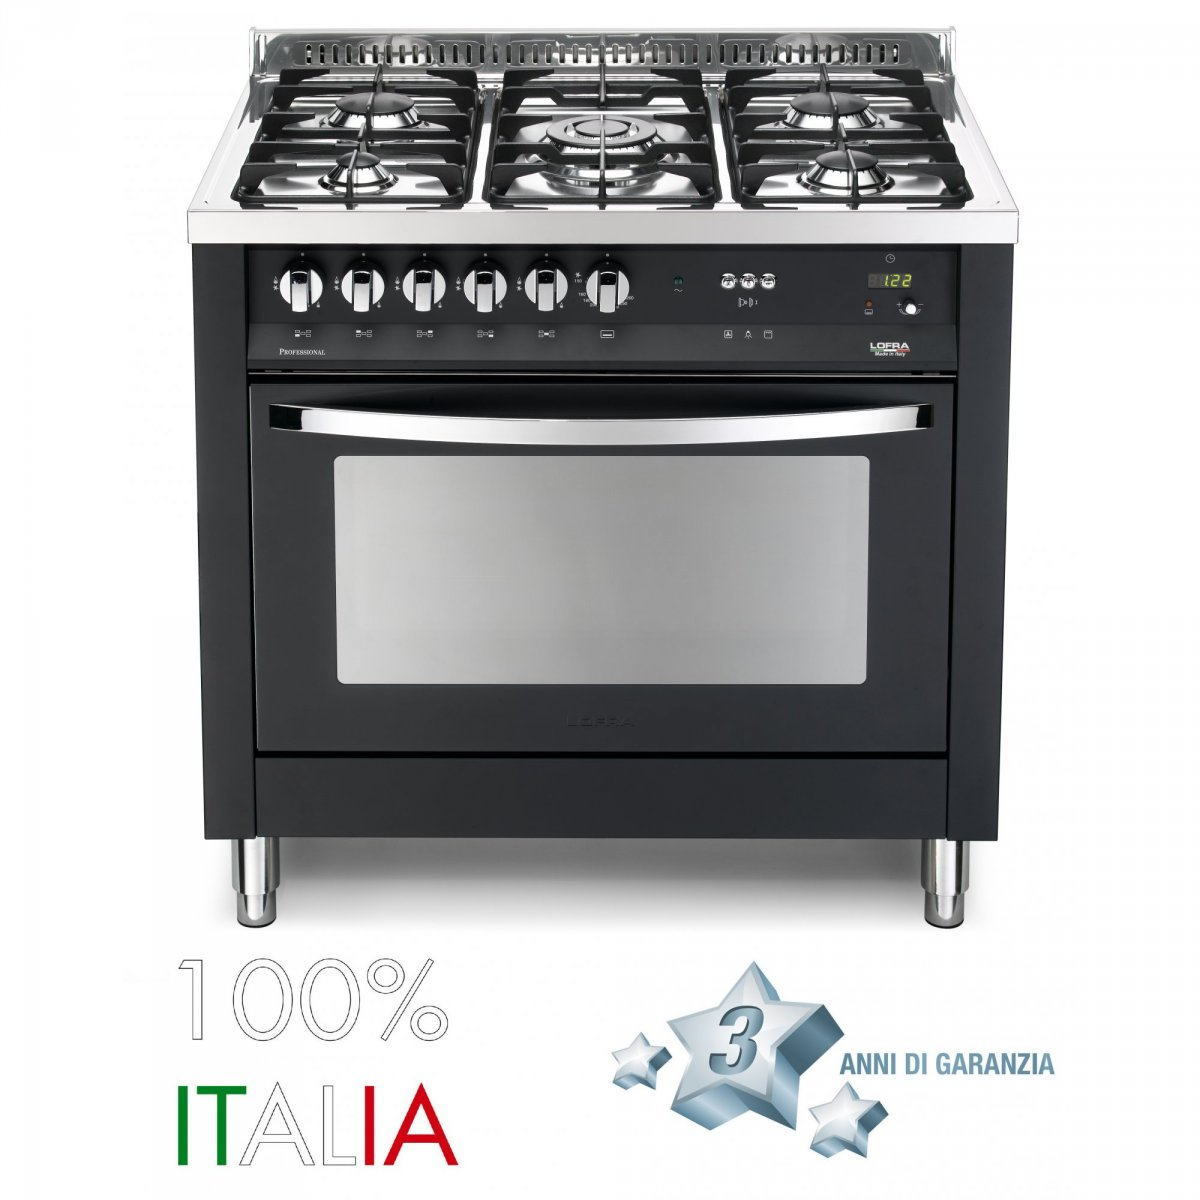 Lofra cucina rainbow 90 nero matt 5 fuochi forno a gas pnmg96gvtc lofra elettrodomestici cucine - Elettrodomestici cucina a gas ...